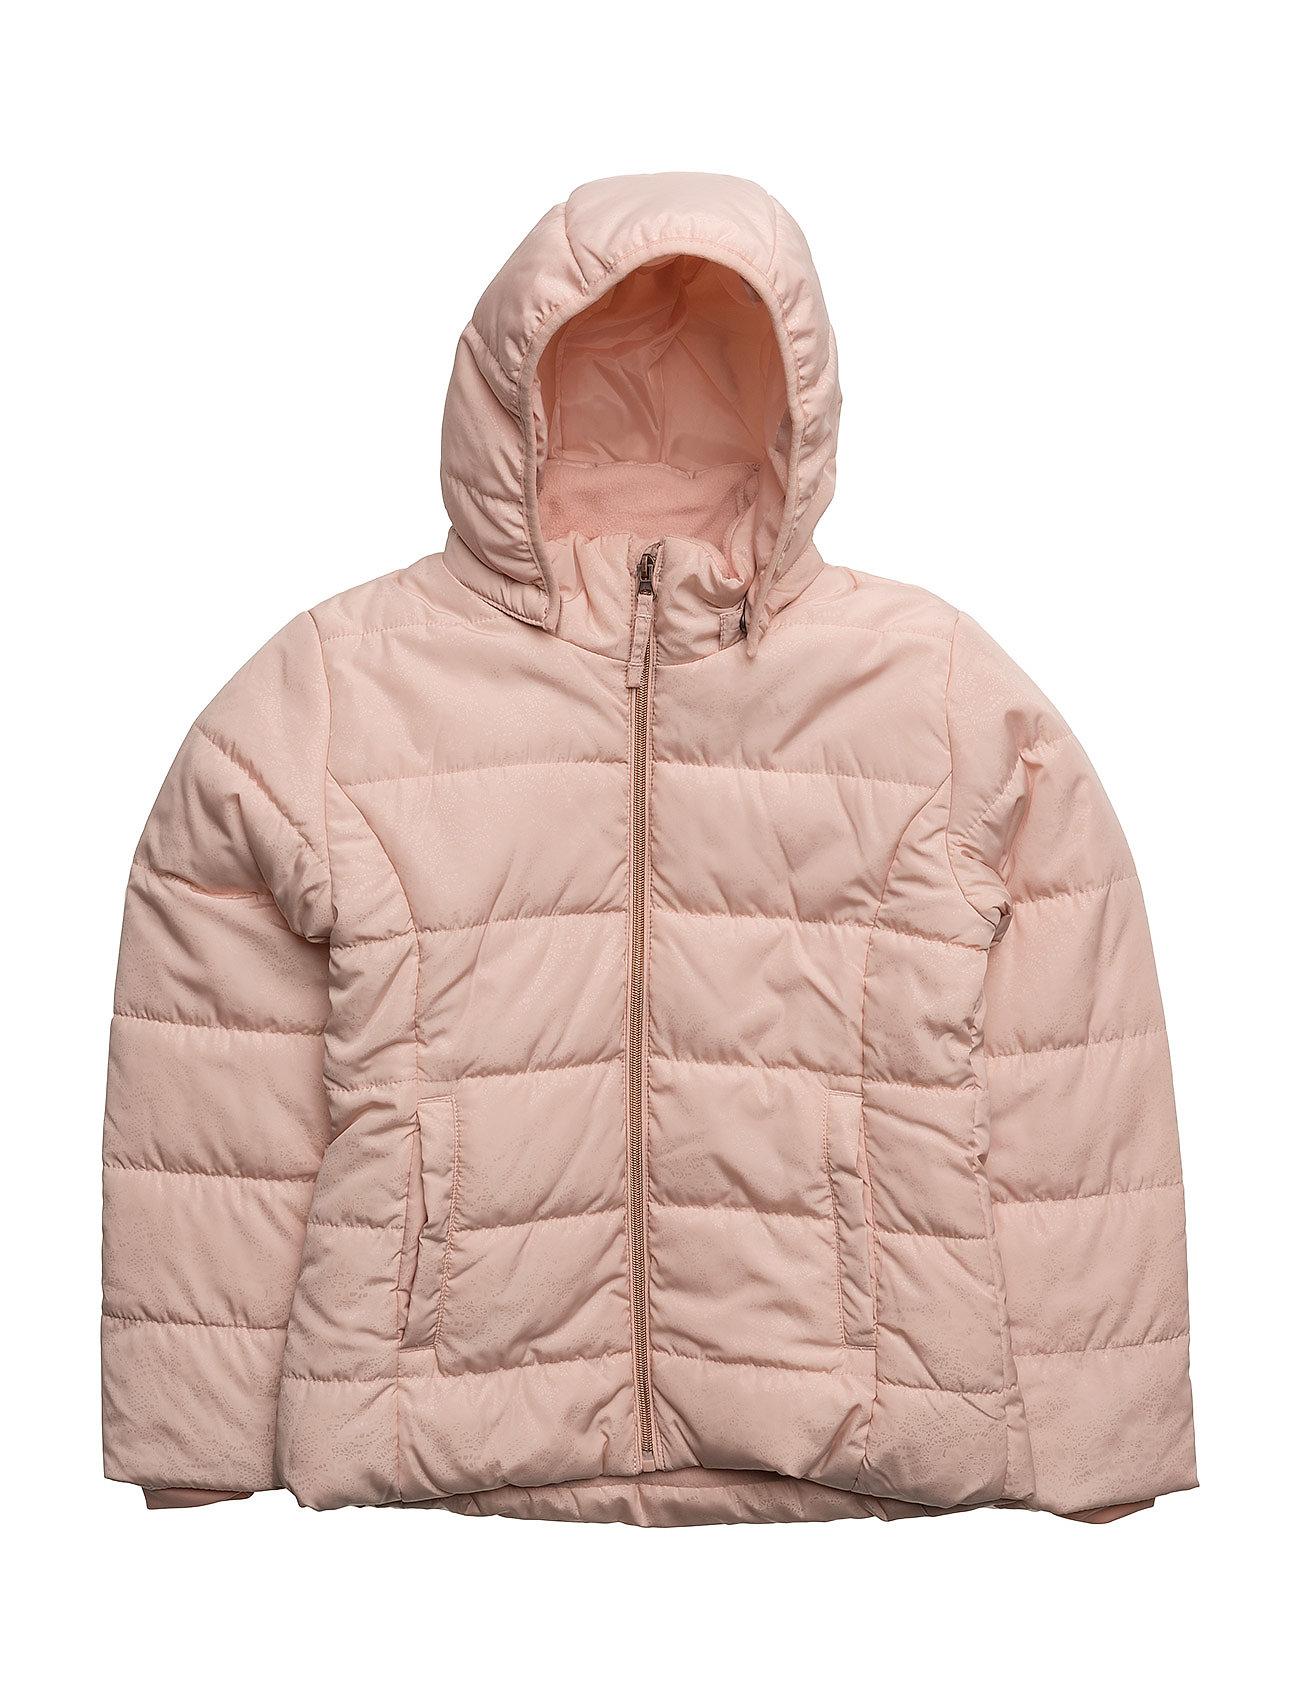 Nitmit jacket nmt g camp fra name it på boozt.com dk